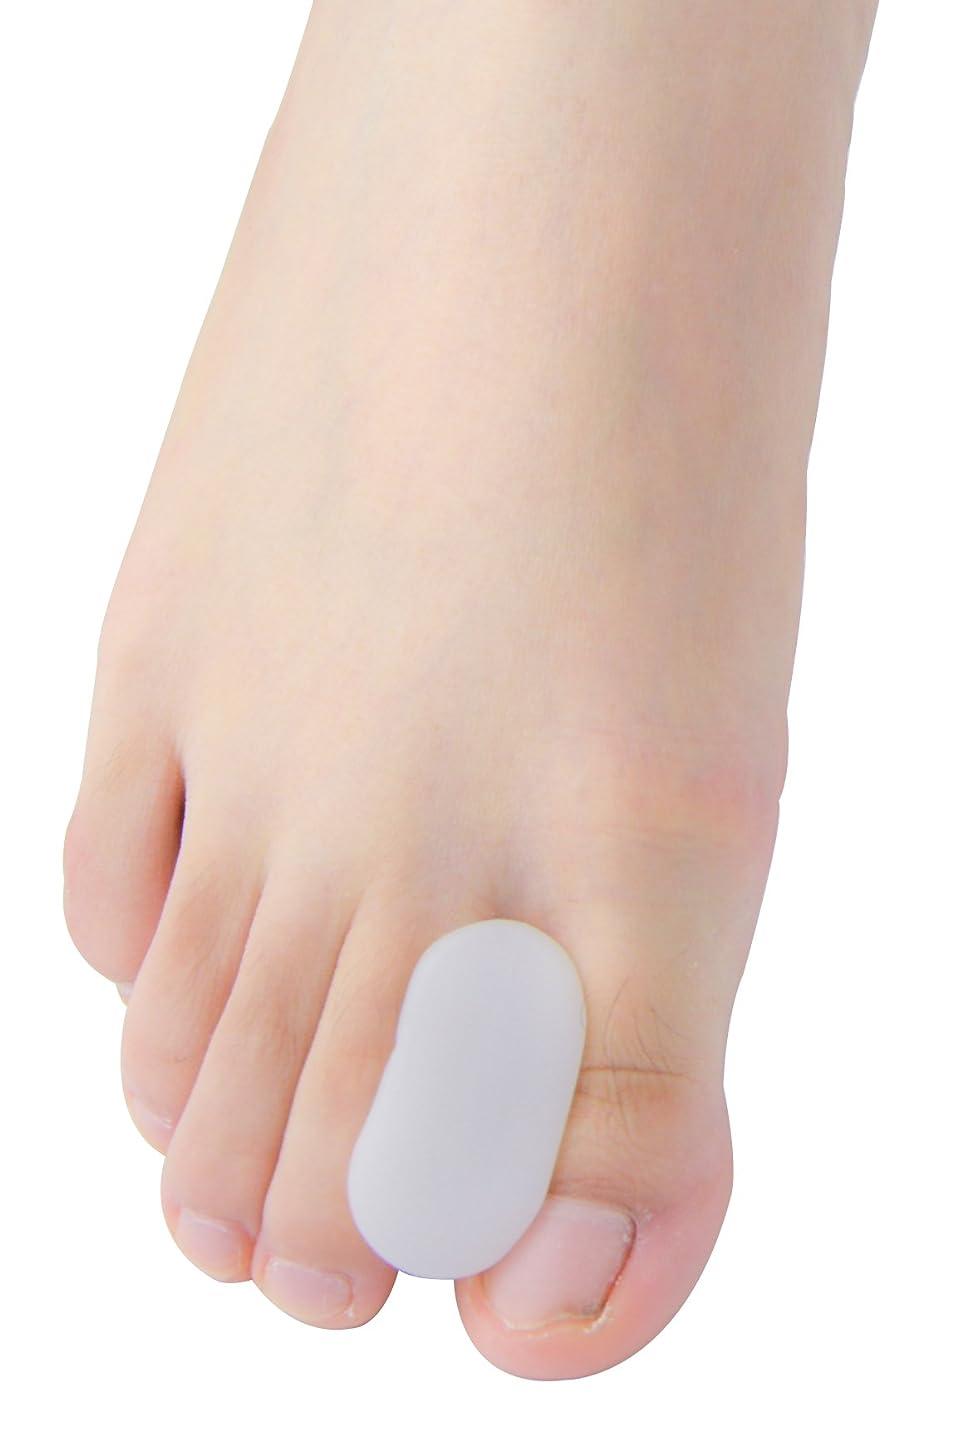 カニ中絶相互接続Povihome 足指衝撃ストッパー, 足指セパレーター,外反母趾 サポーター 矯正 バニオン 5ペア,柔らかゲルでやさしくサポート(M)